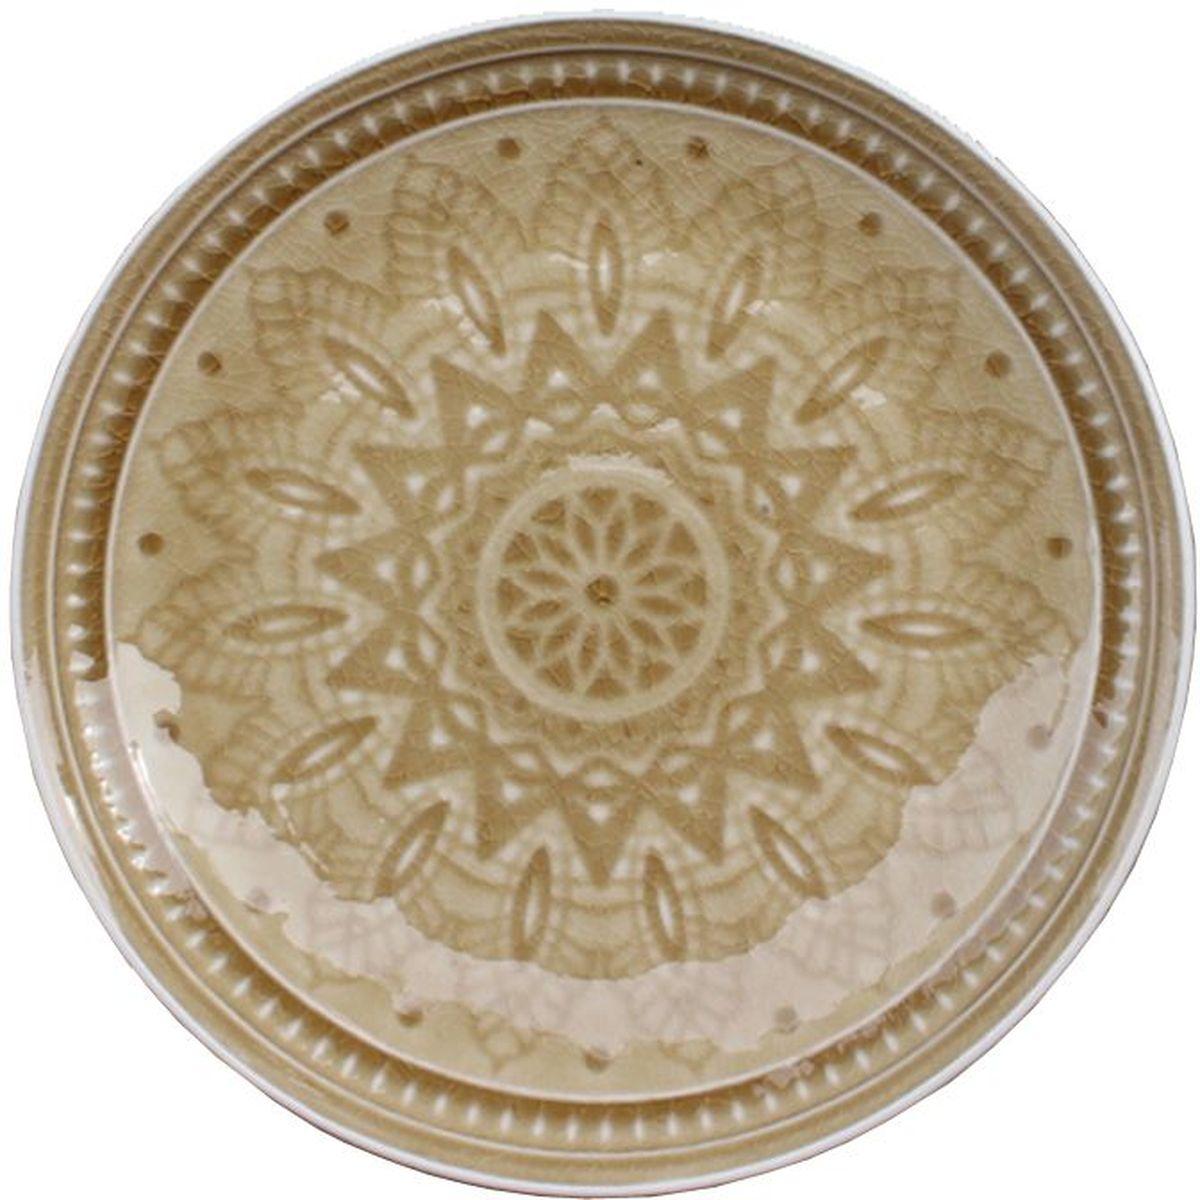 Набор тарелок десертных Tongo, Цвет: Золотая рожь, диаметр 20,5 см, 6 штPL-205y Tongo Набор тарелок десертныхПосуда Традиционная этническая посуда Индонезии. Декоративная техника придает посуде этнический шарм, с элементами старения, в виде паутинки мелких трещинок на поверхности эмали, что повышает ее привлекательность и ценность среди посудных аналогов. В процессе эксплуатации мелкие трещины так же могут проявляться на внутренних поверхностях кружек и салатников, - что так же является задумкой дизайнеров, заложенной в производственной технологии.